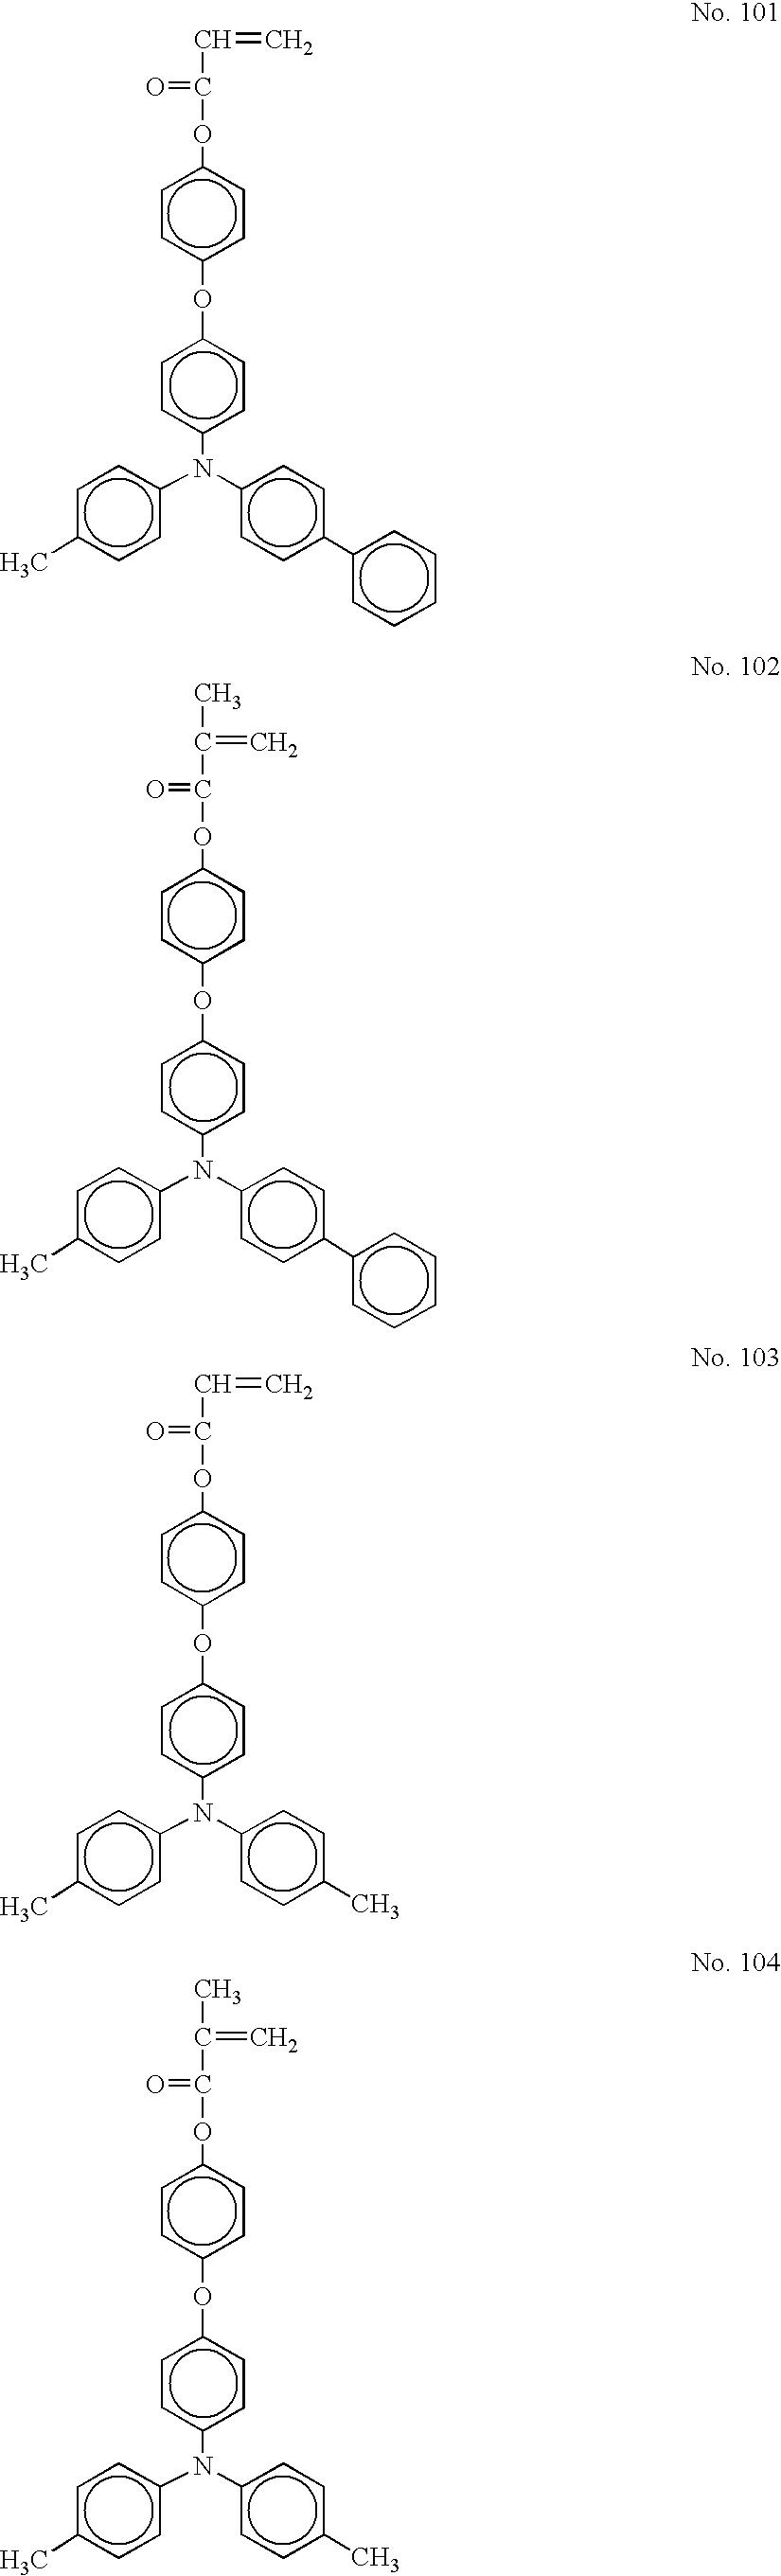 Figure US20070059619A1-20070315-C00036